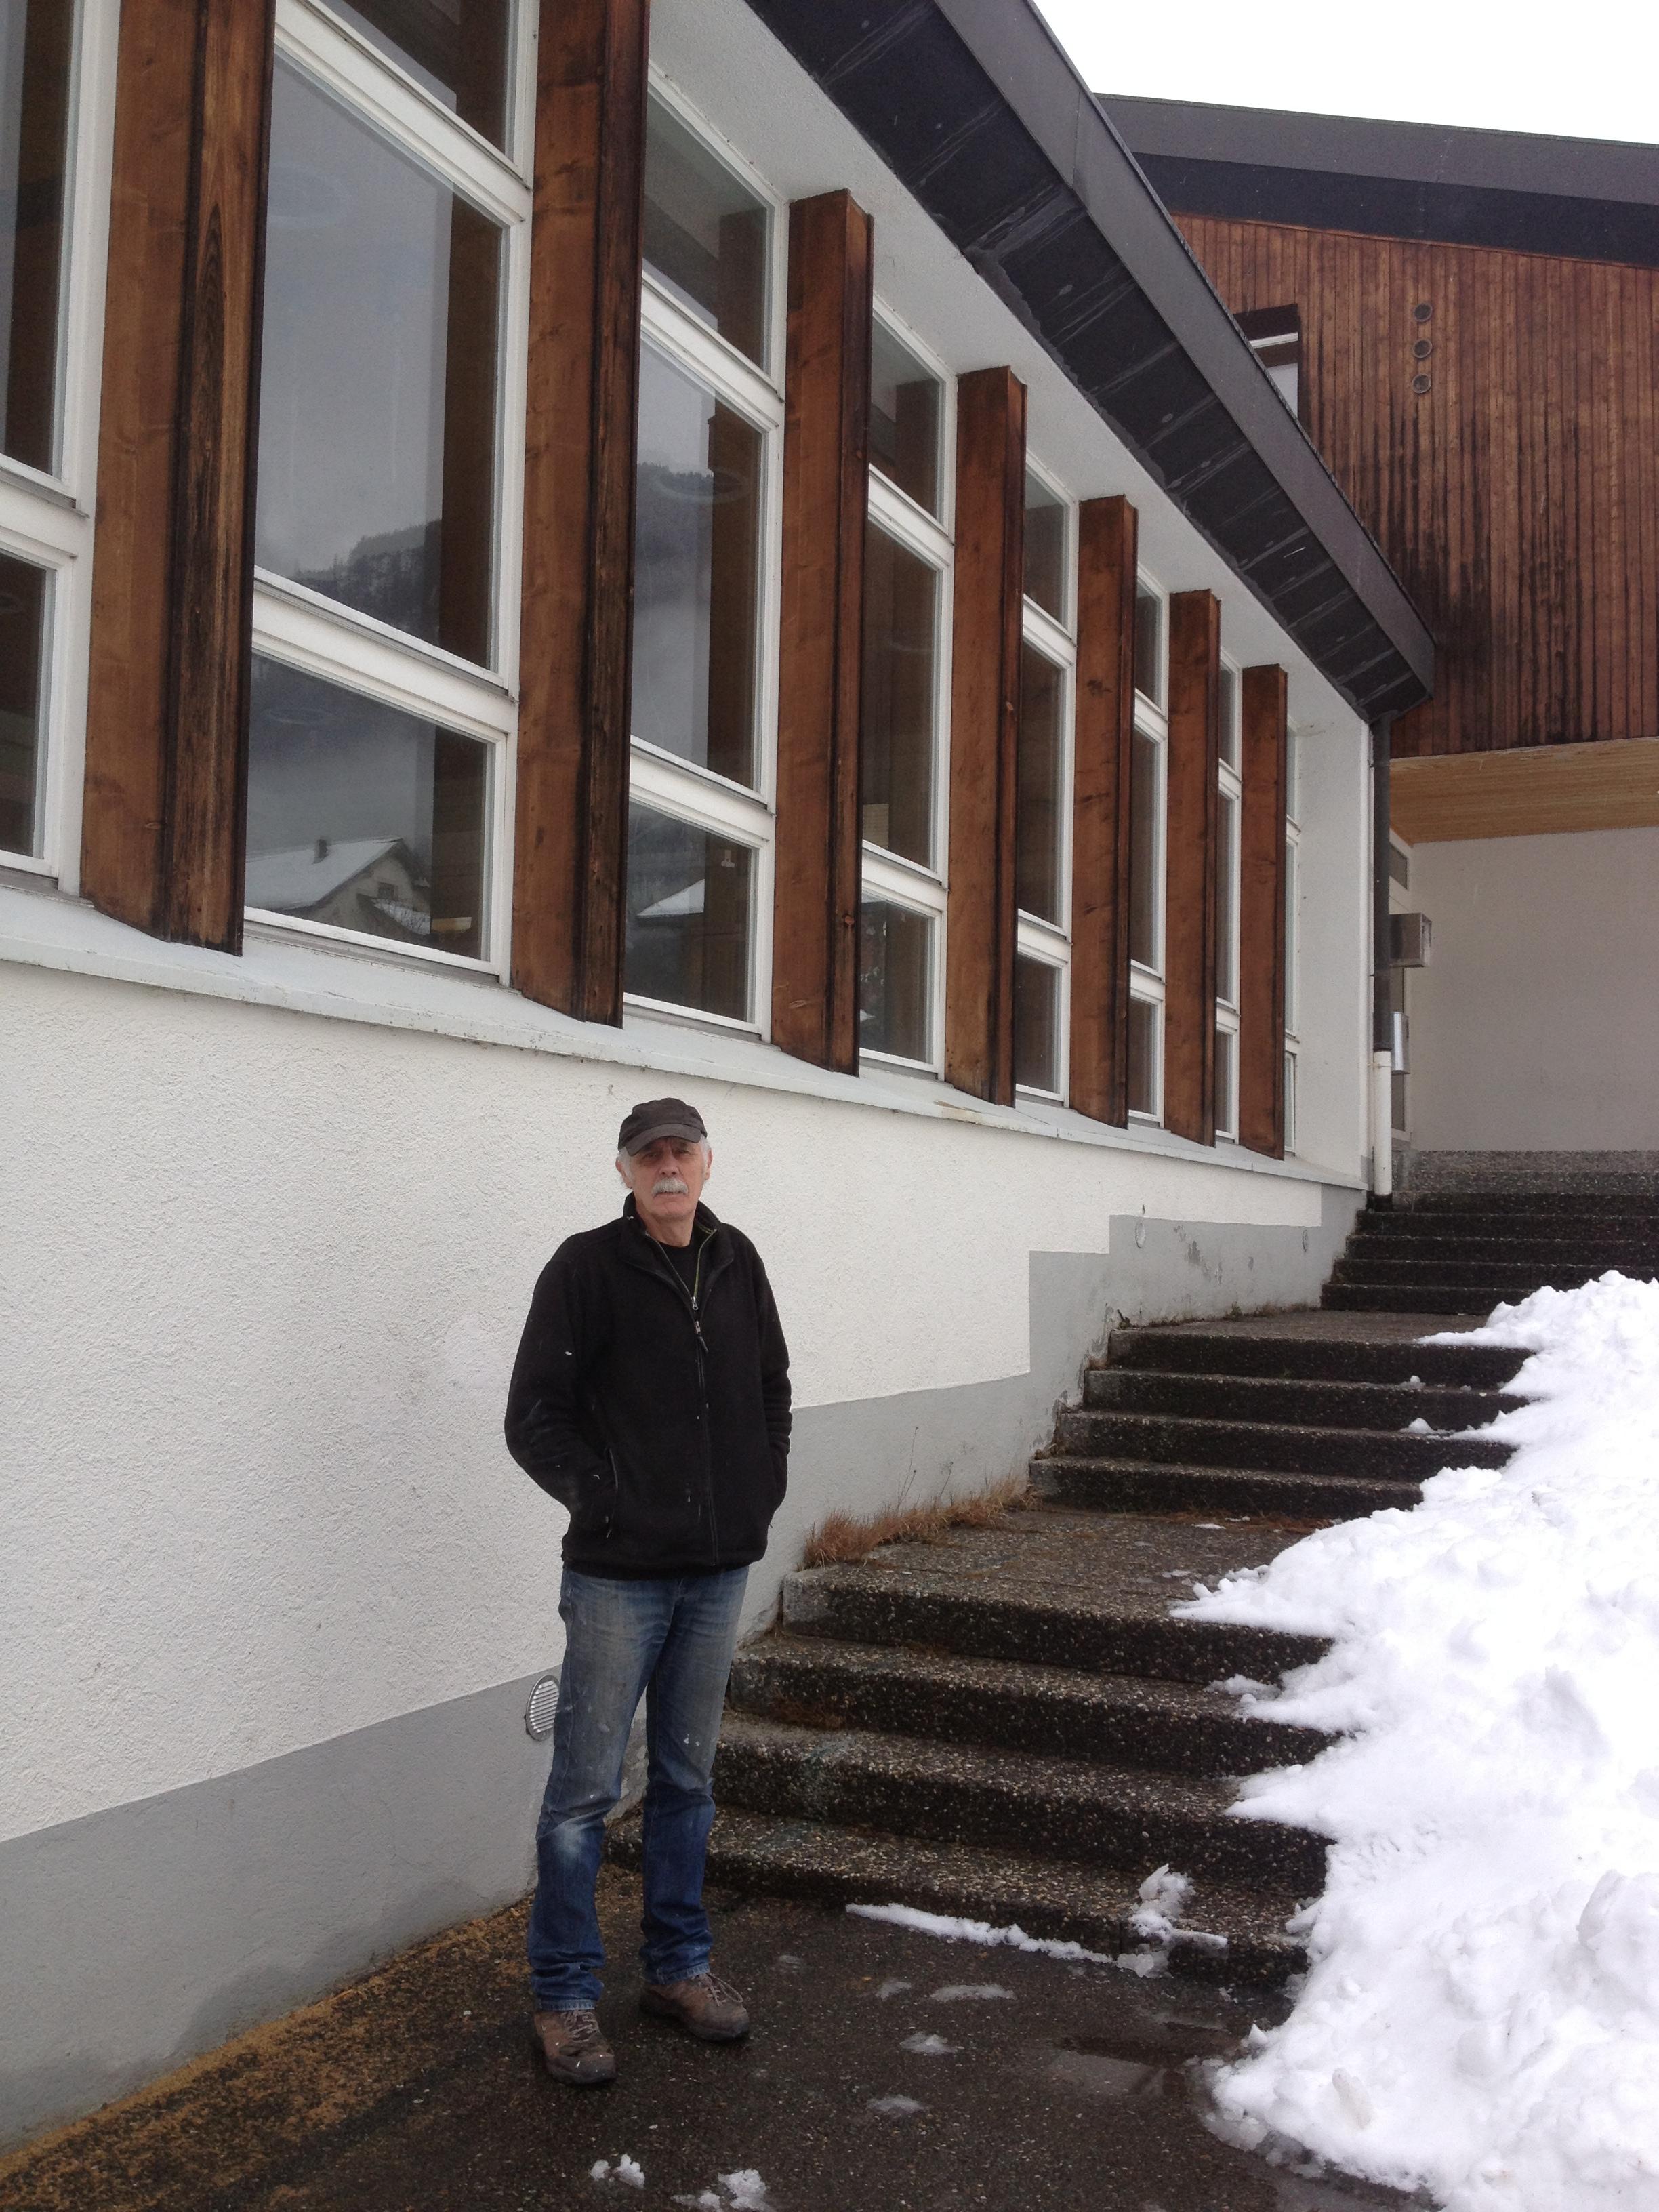 Fis Guldimann che ha cumprà la scola da Zignau.